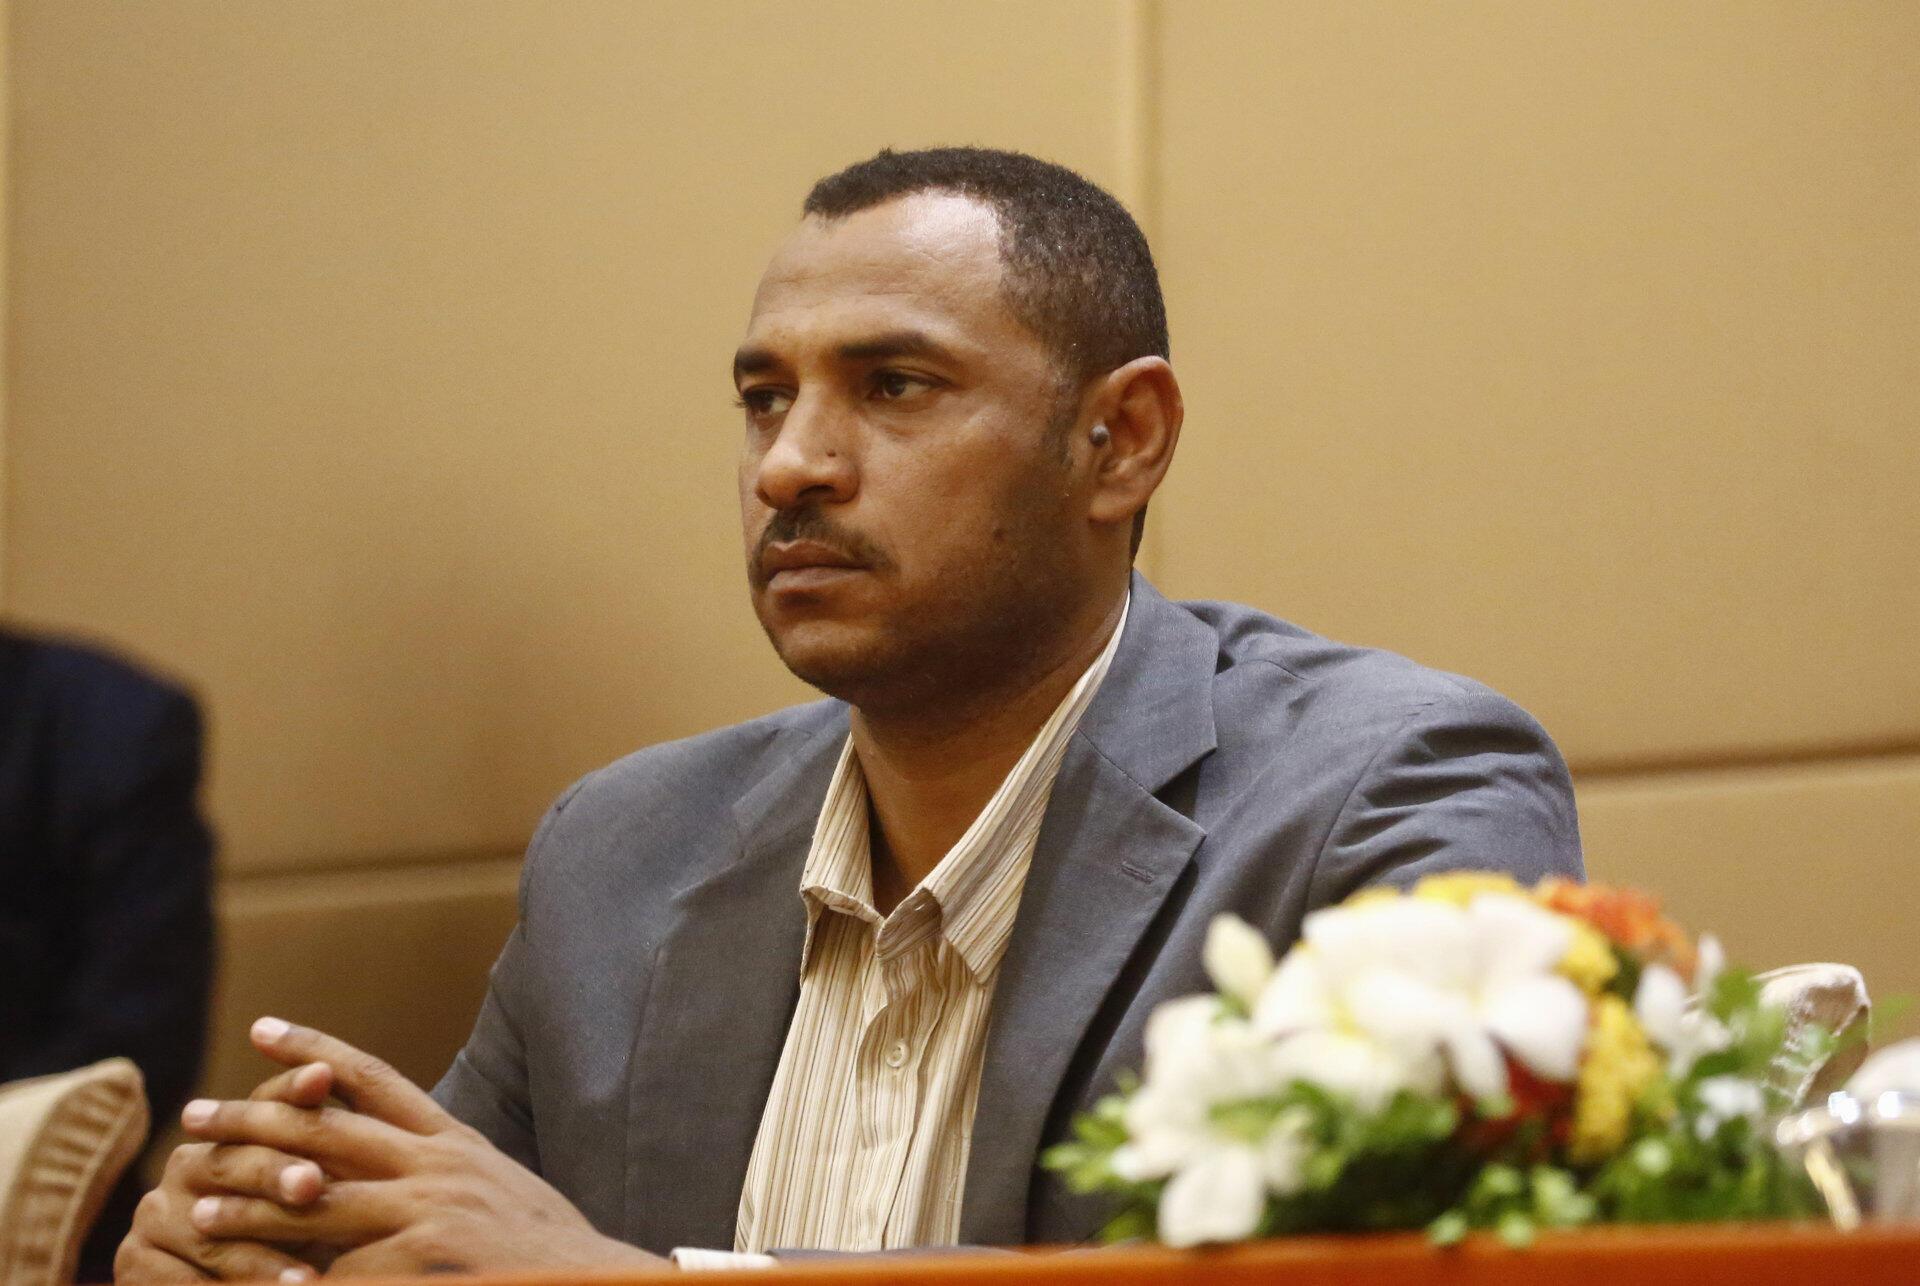 L'un des chefs de la contestation soudanaise, Ahmed Rabie, lors de la signature de la déclaration constitutionnelle avec les militaires, le 4 août 2019 à Karthoum.